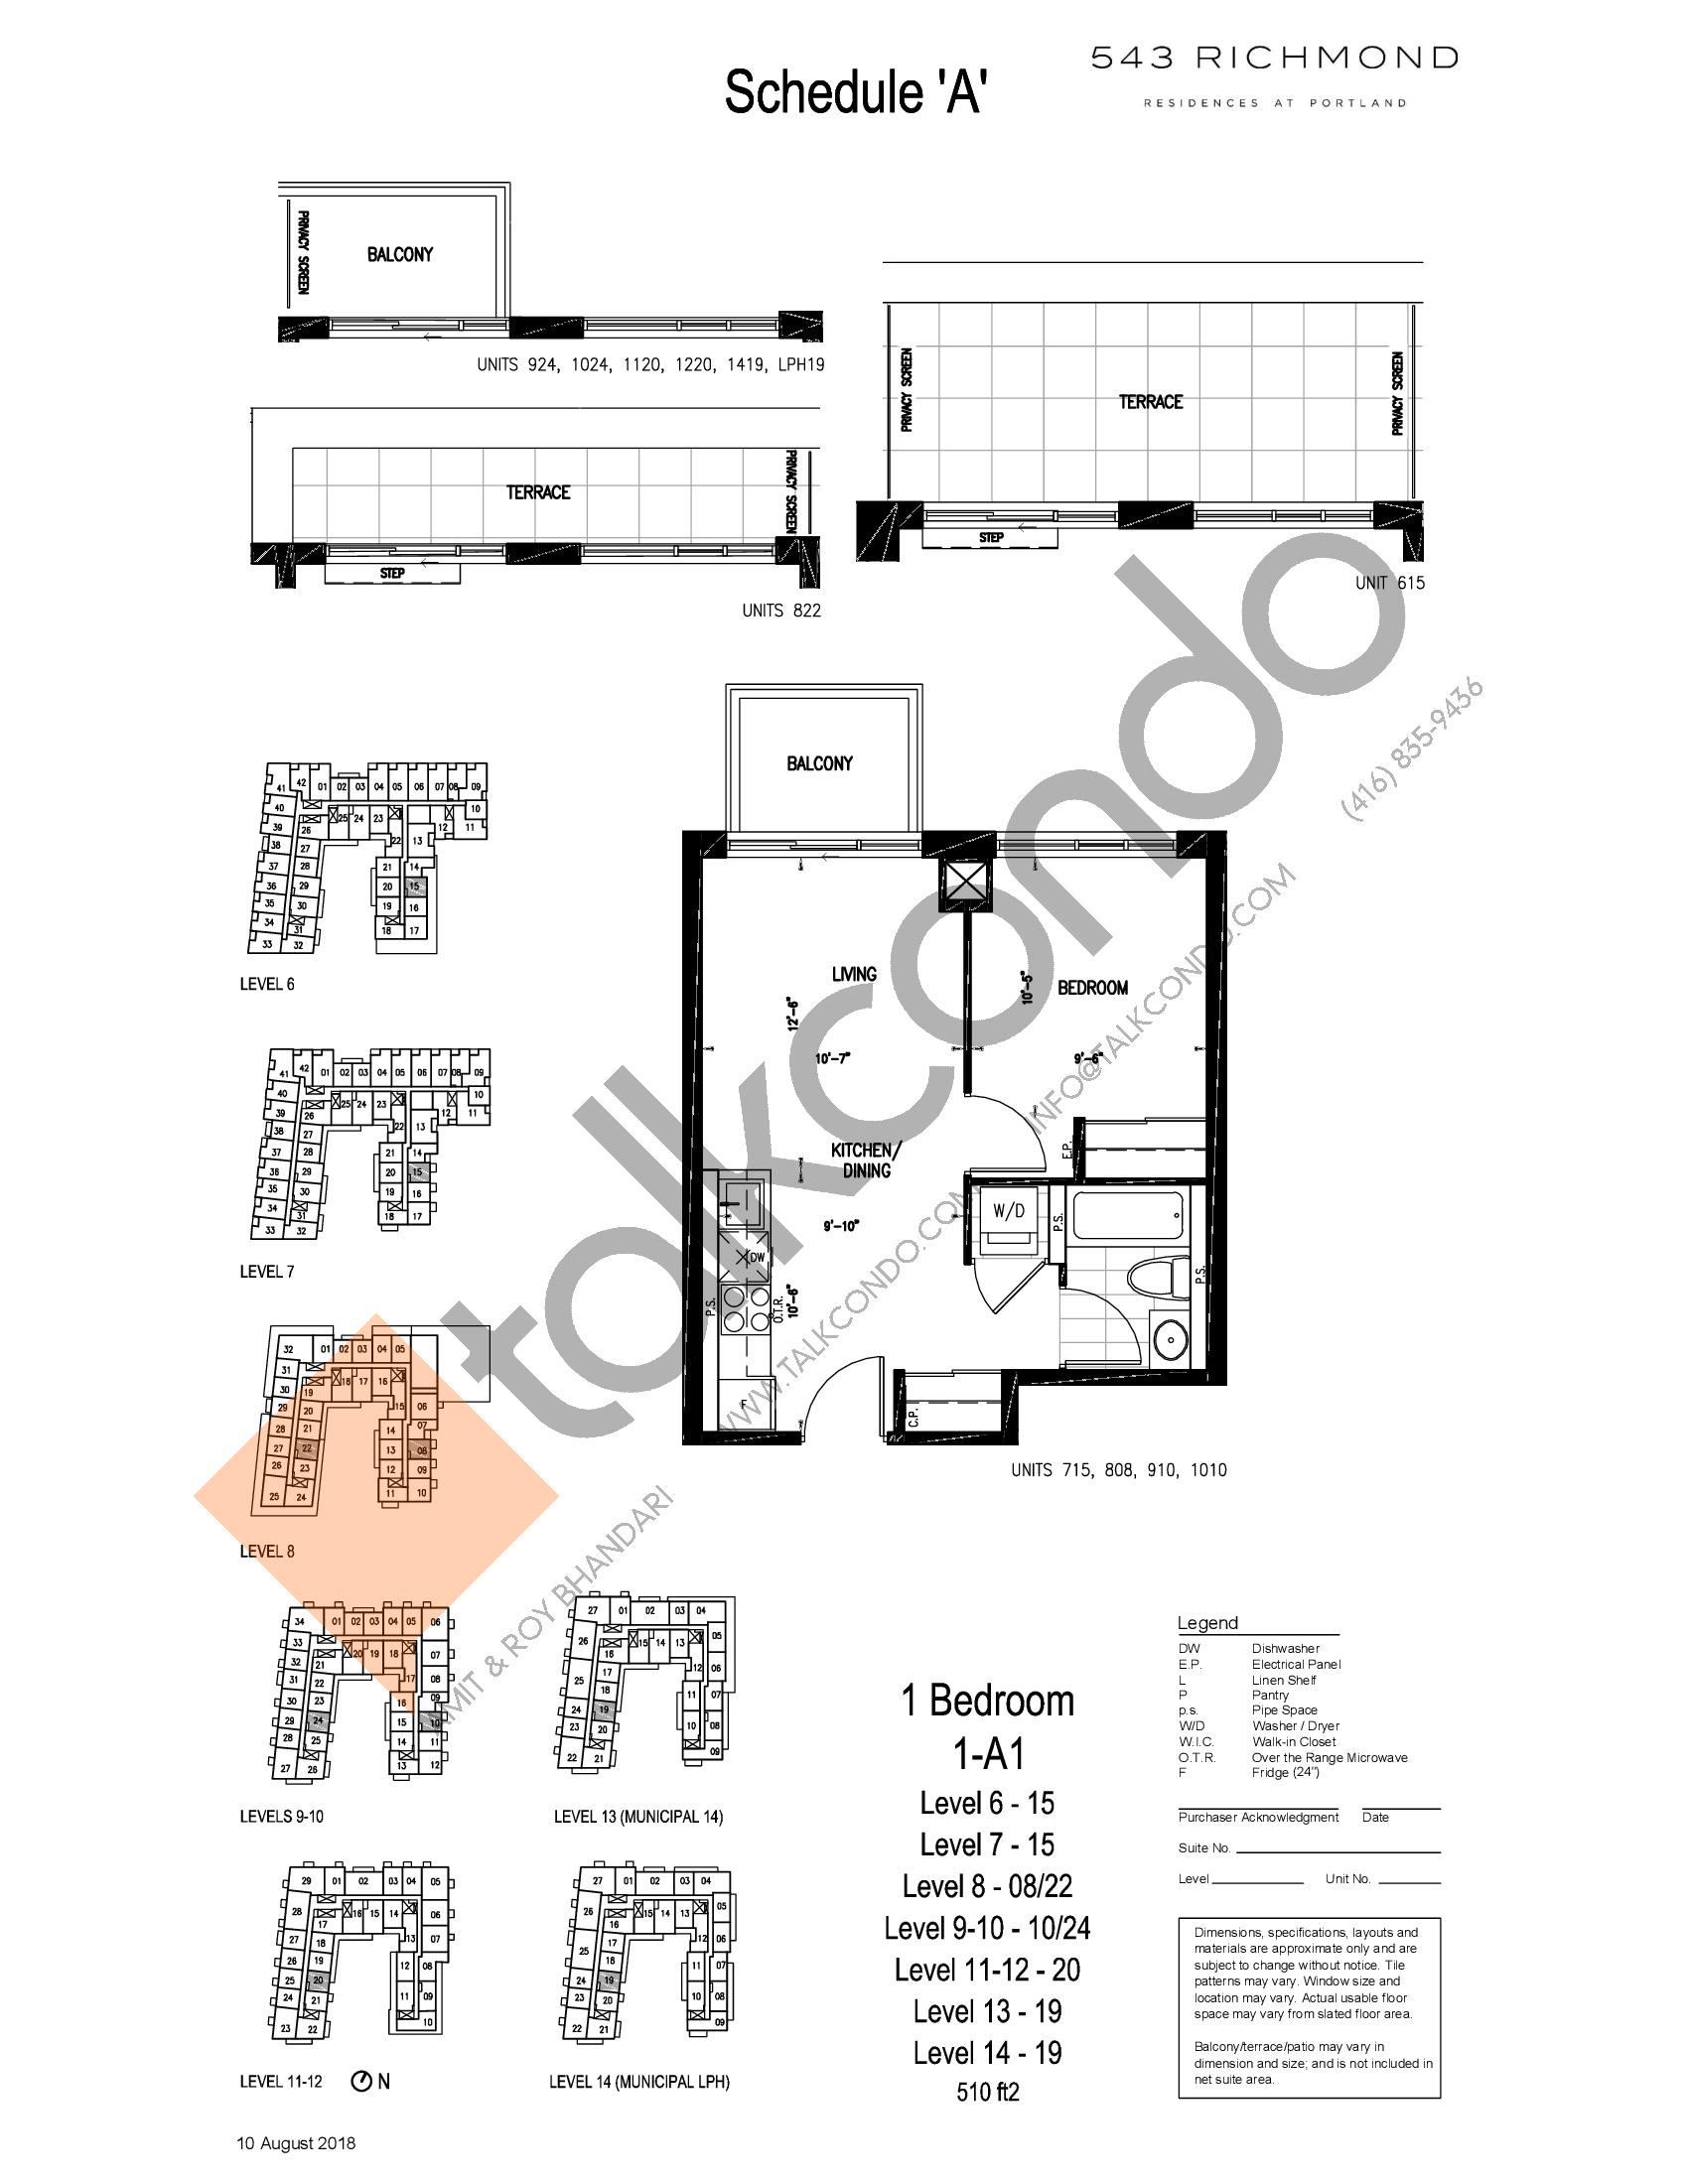 1-A1 Floor Plan at 543 Richmond St Condos - 510 sq.ft